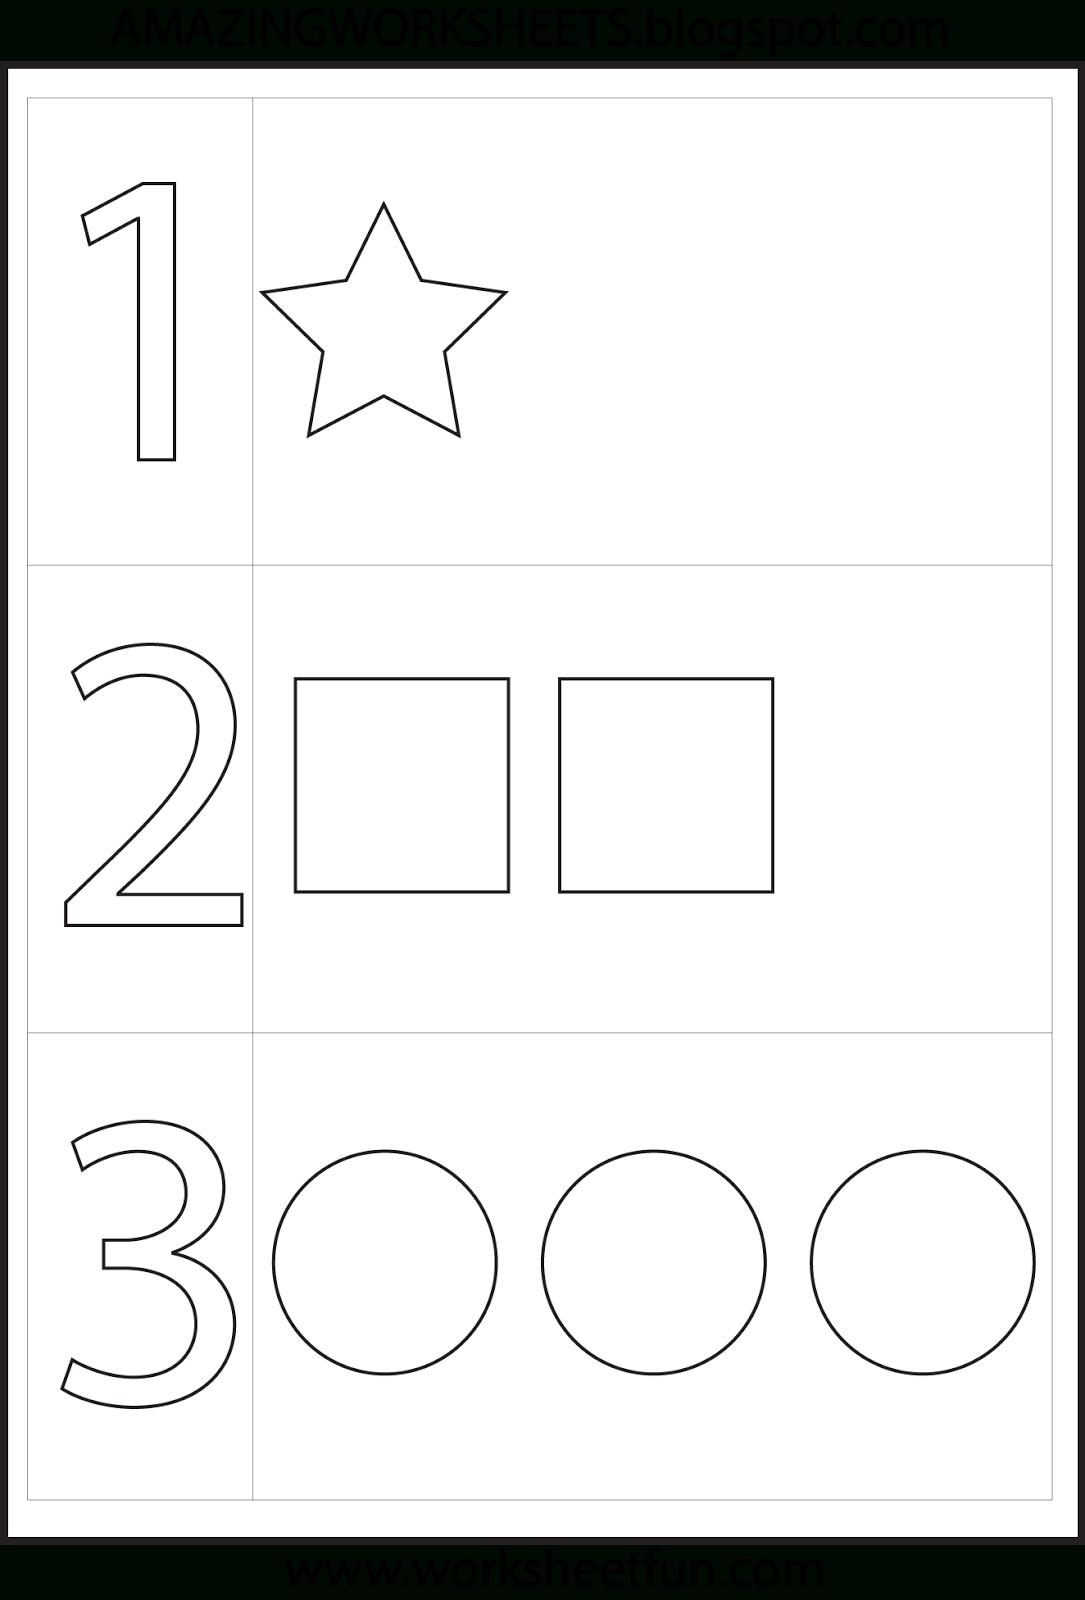 Preschool Number One Worksheet | Number 1 Preschool Worksheets - Free Printable Preschool Worksheets